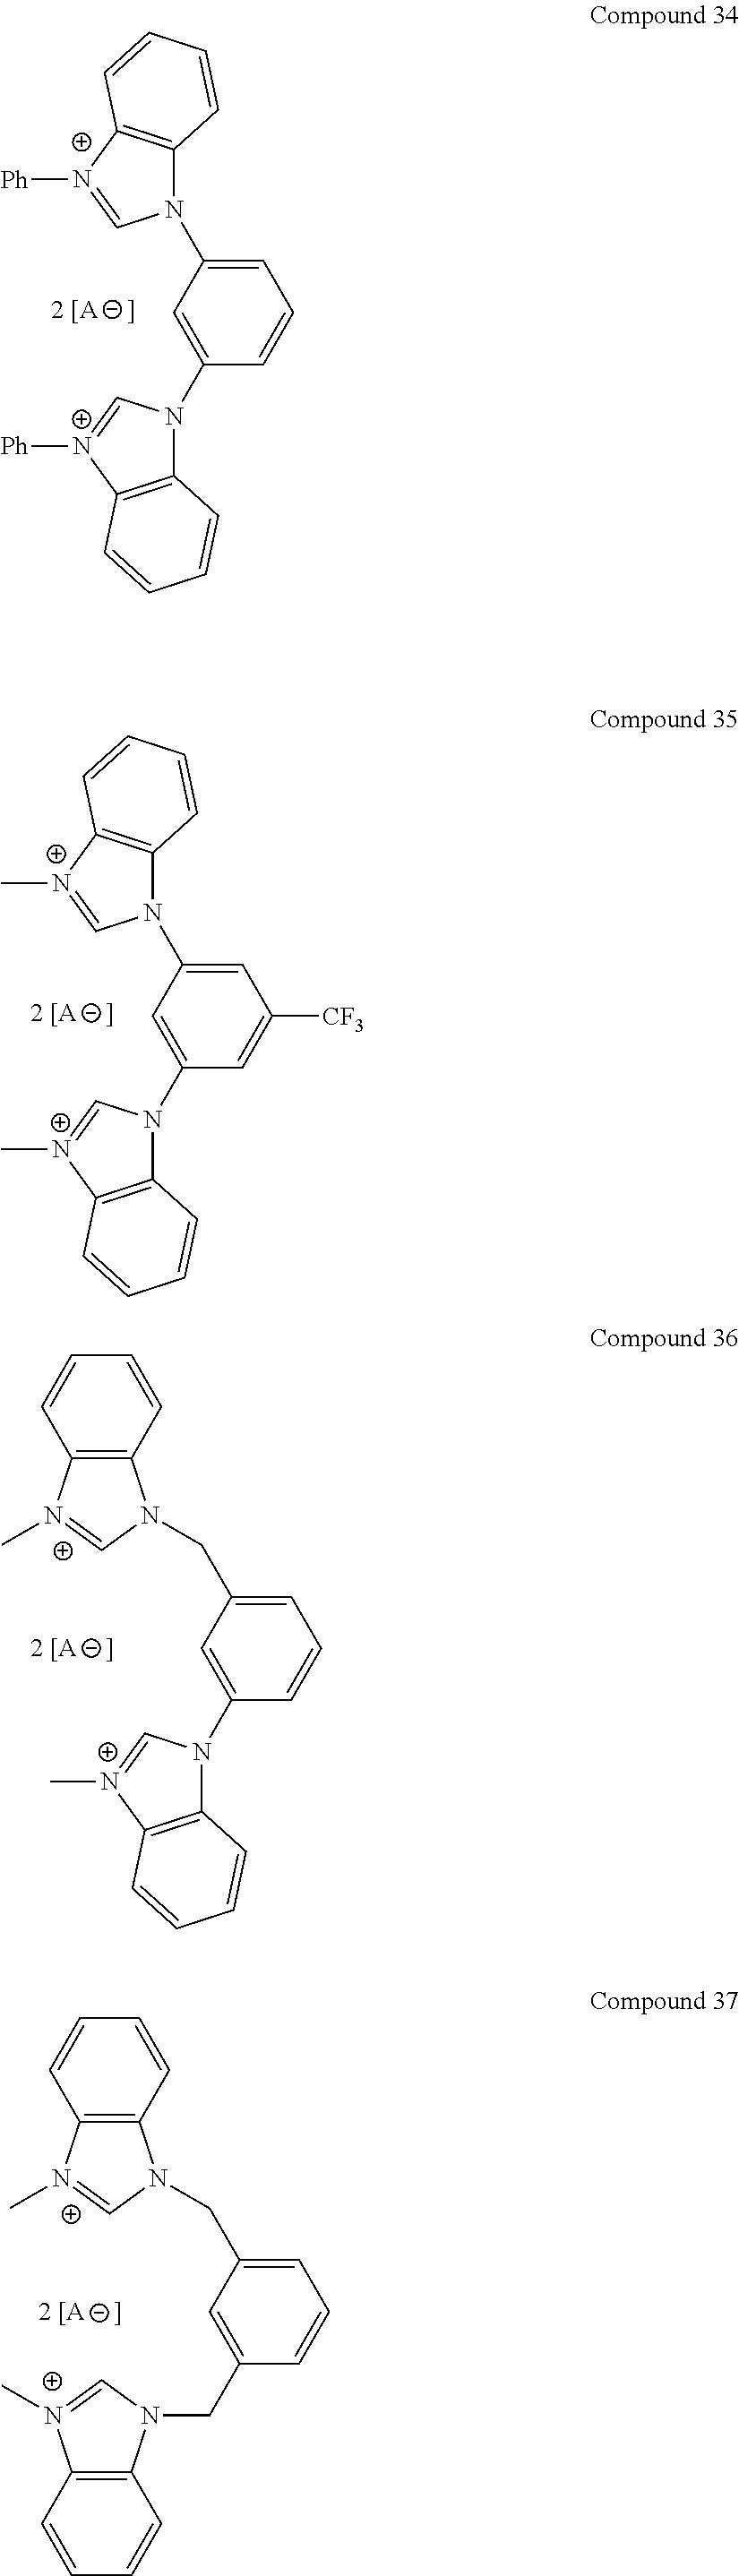 Figure US08563737-20131022-C00014